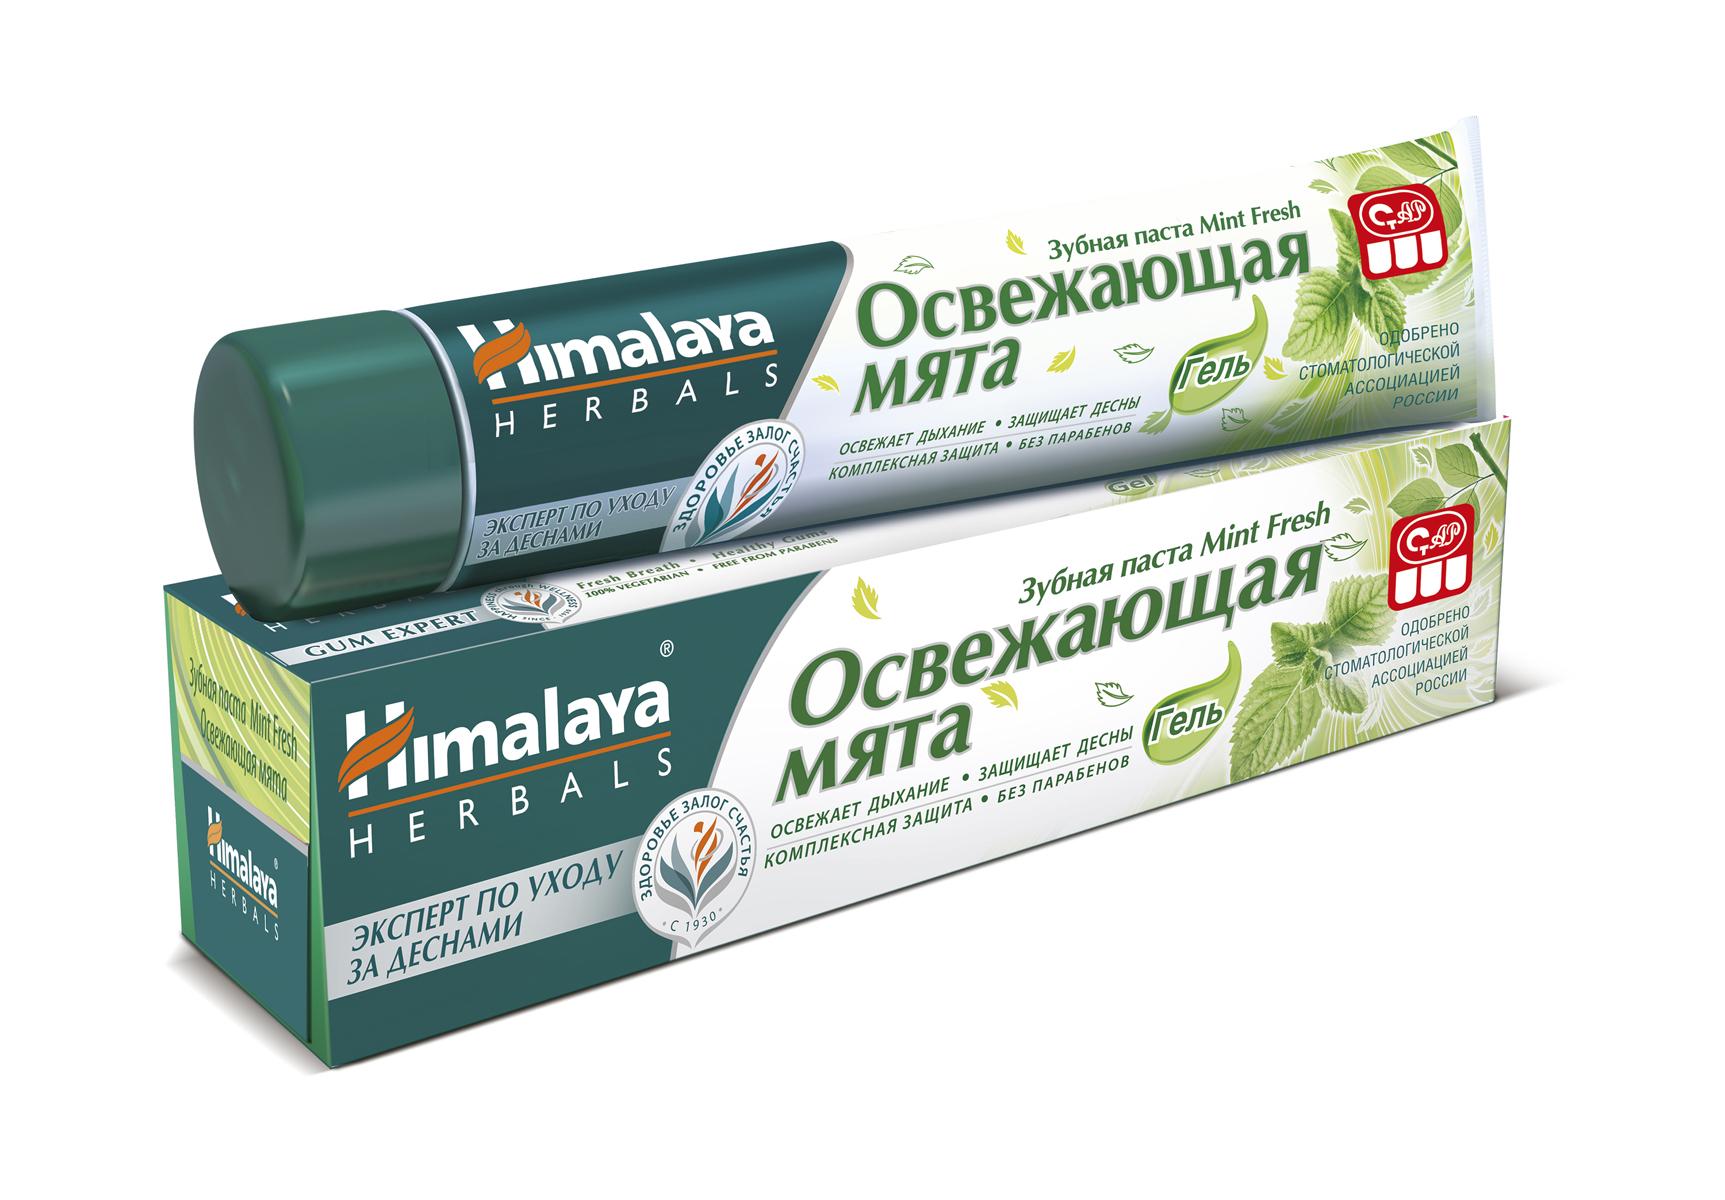 Himalaya Herbals Зубная Паста Mint Fresh Освежающая Мята, 75 мл8901138825614Благодаря уникальной растительной формуле обеспечивает защиту отбактерий в течение 12 часов, препятствует формированию зубного налета. Мята и Укроп индийский помогают предотвратить запах изо рта, обеспечивая длительную свежесть дыхания, ним предотвращает воспаление десен и снижает их кровоточивость.Не содержит: фтор